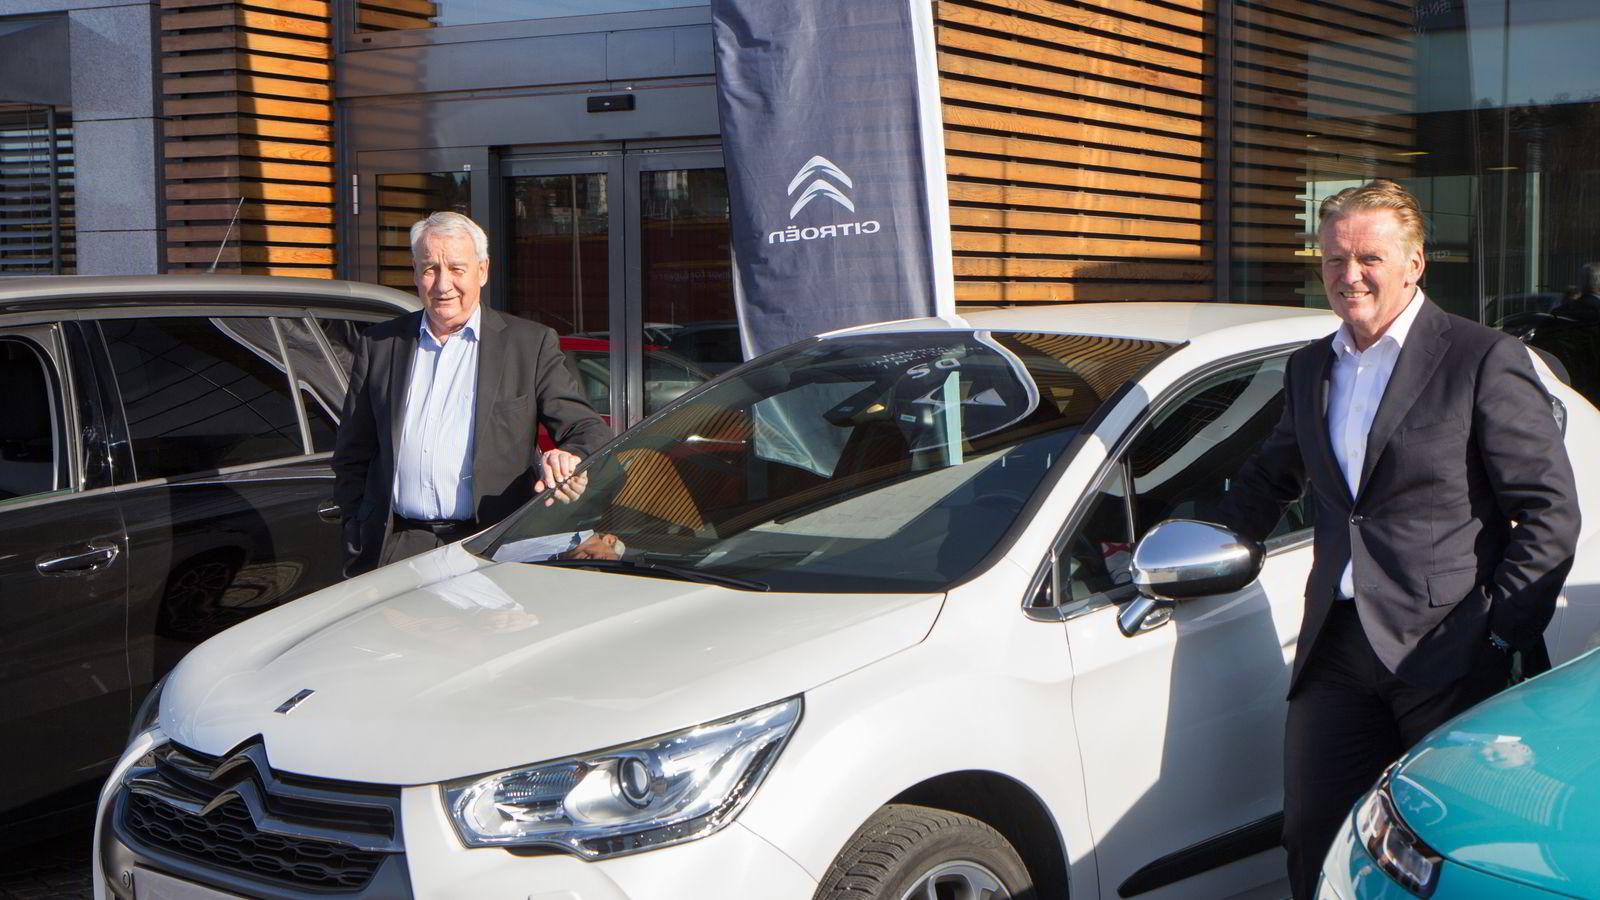 Jan Pettersen blir ny sjef for Citroën når Bertel O. Steen og konsernsjef Bjørn Maarud overtar eierskapet.